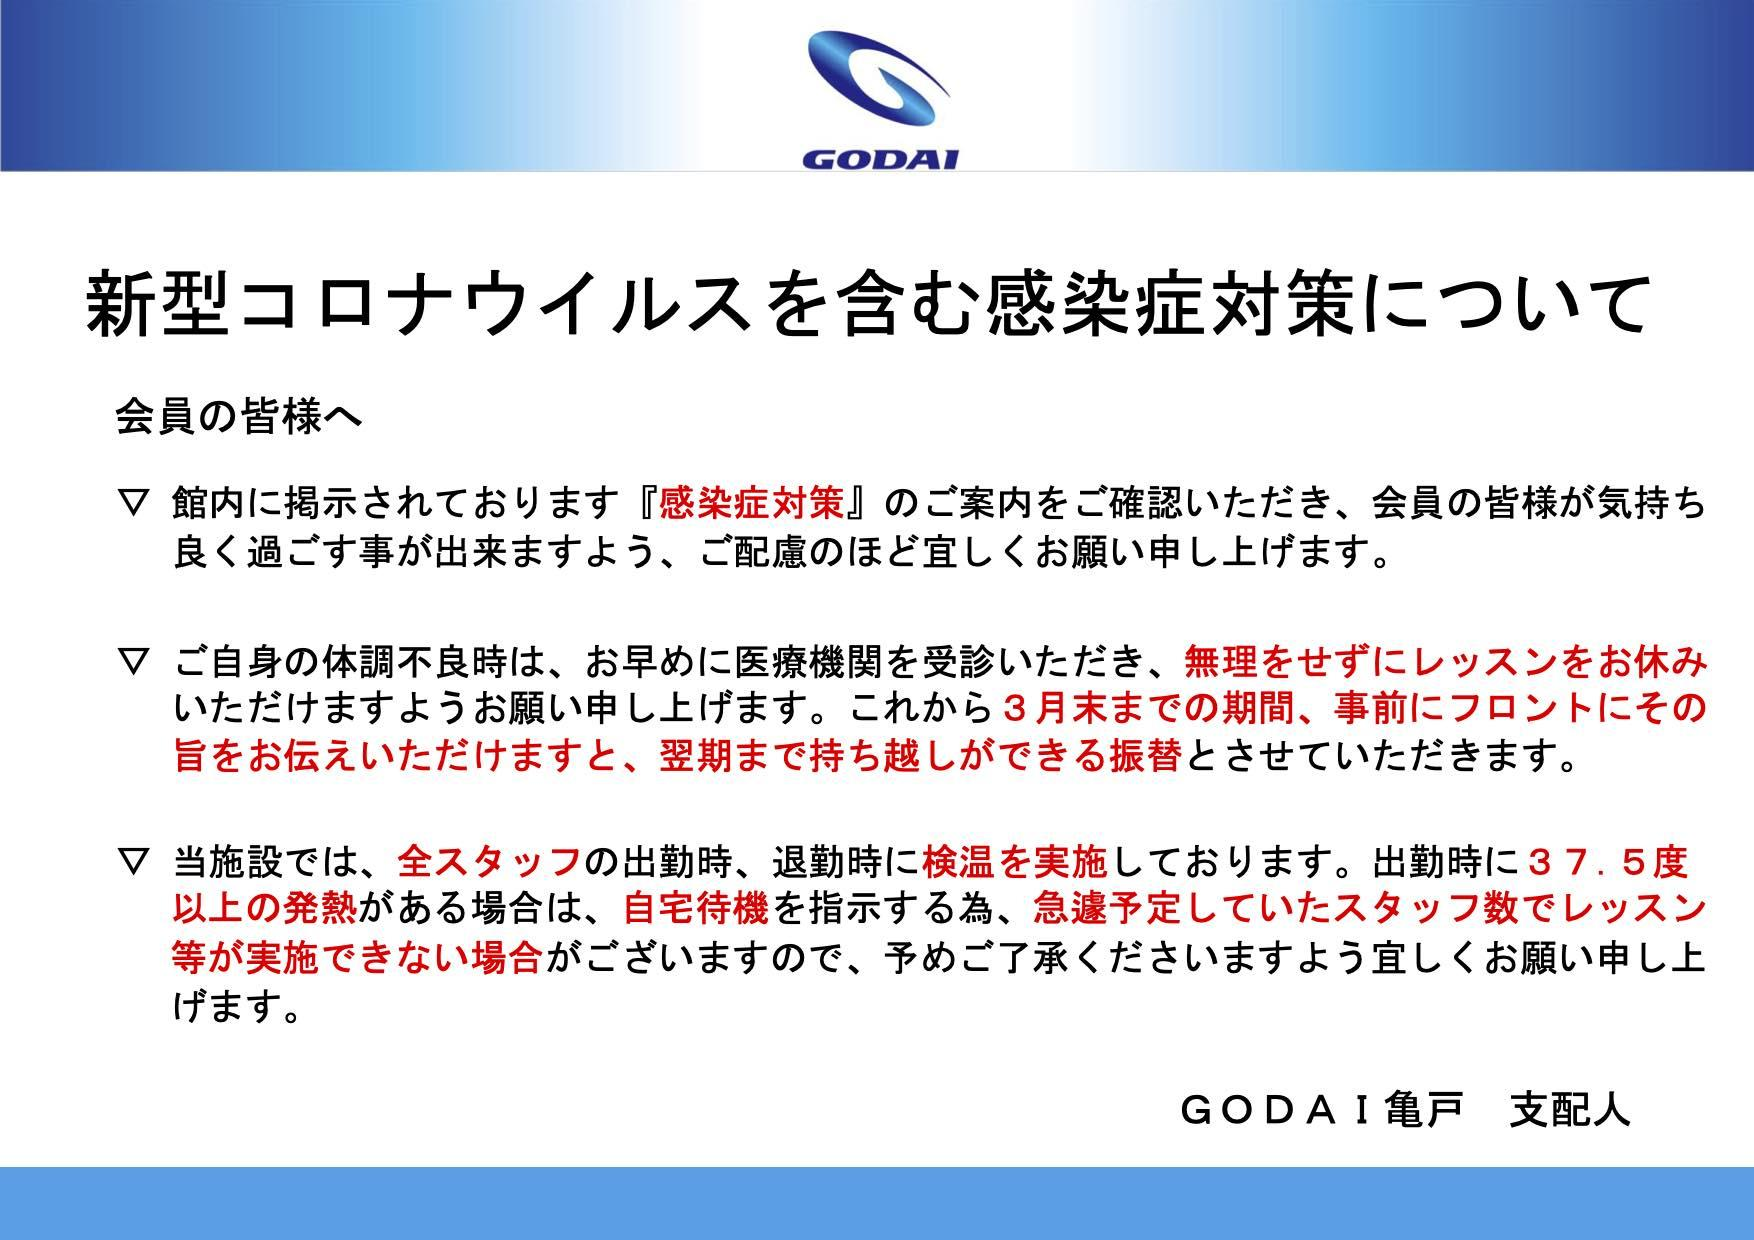 コロナウィルス対応策に関して(亀戸用).jpg